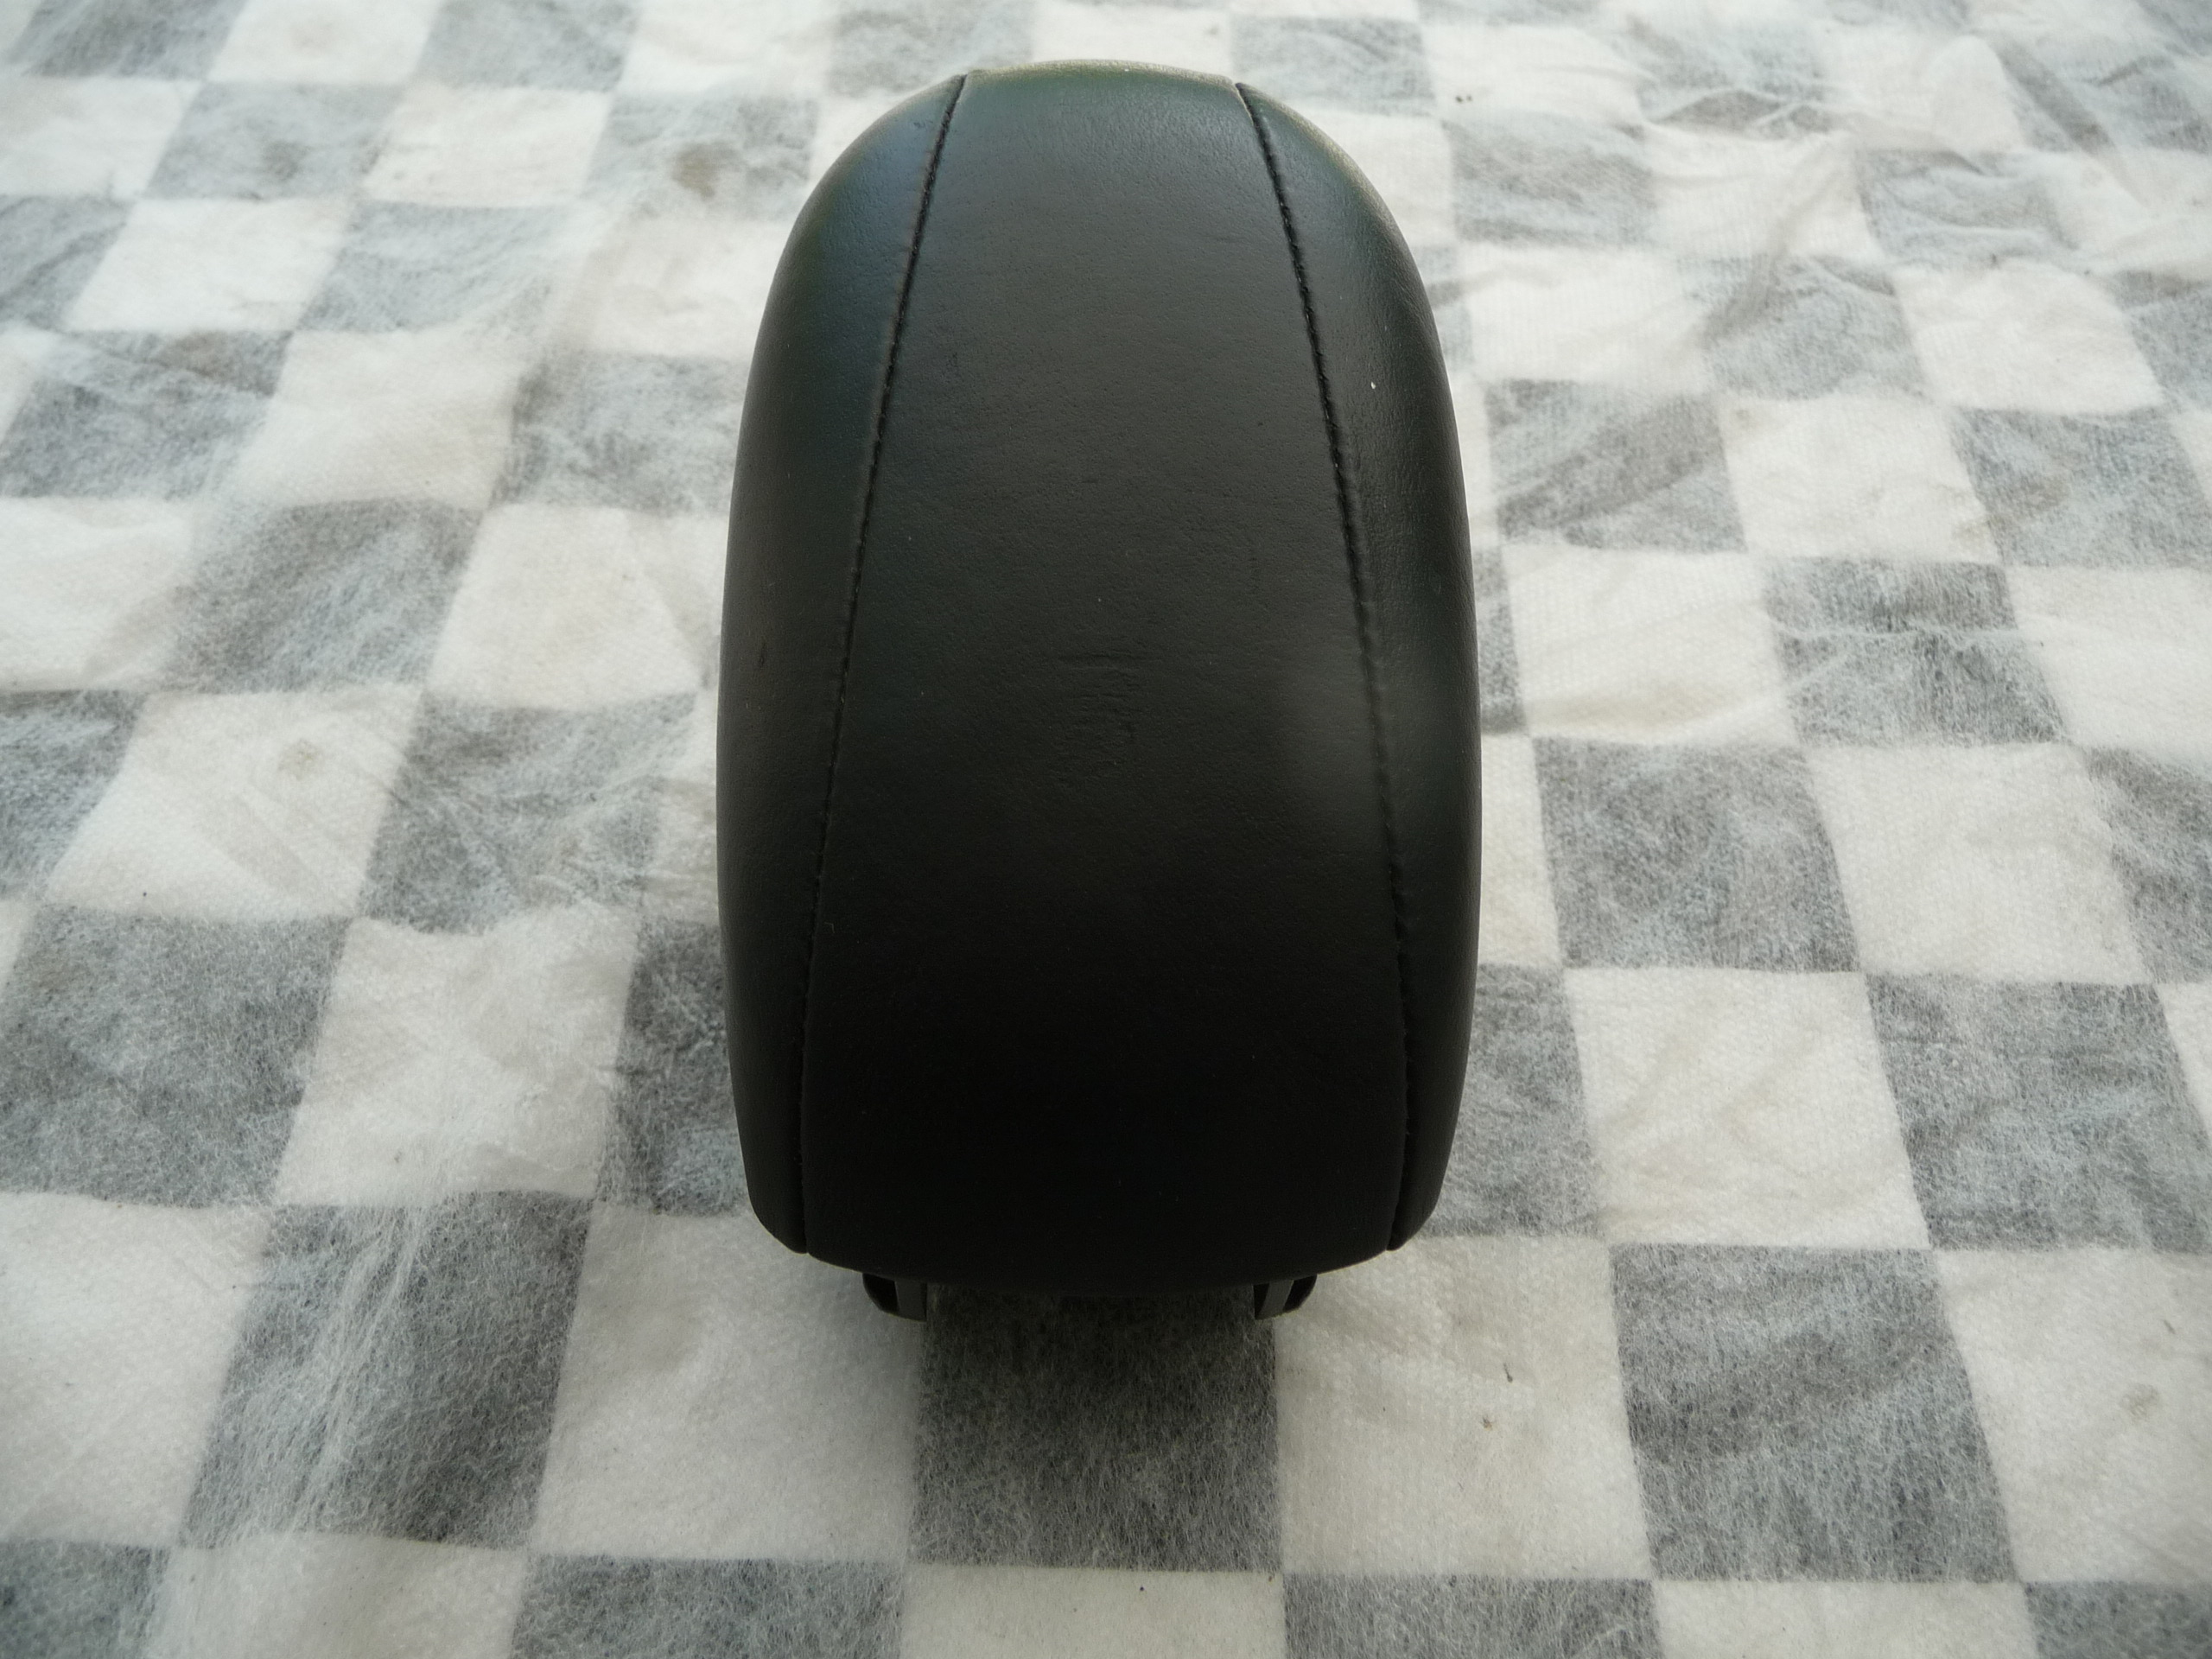 Mercedes Benz W222 S Class Front Console Armrest Black A2226800019 9E38 OEM A1